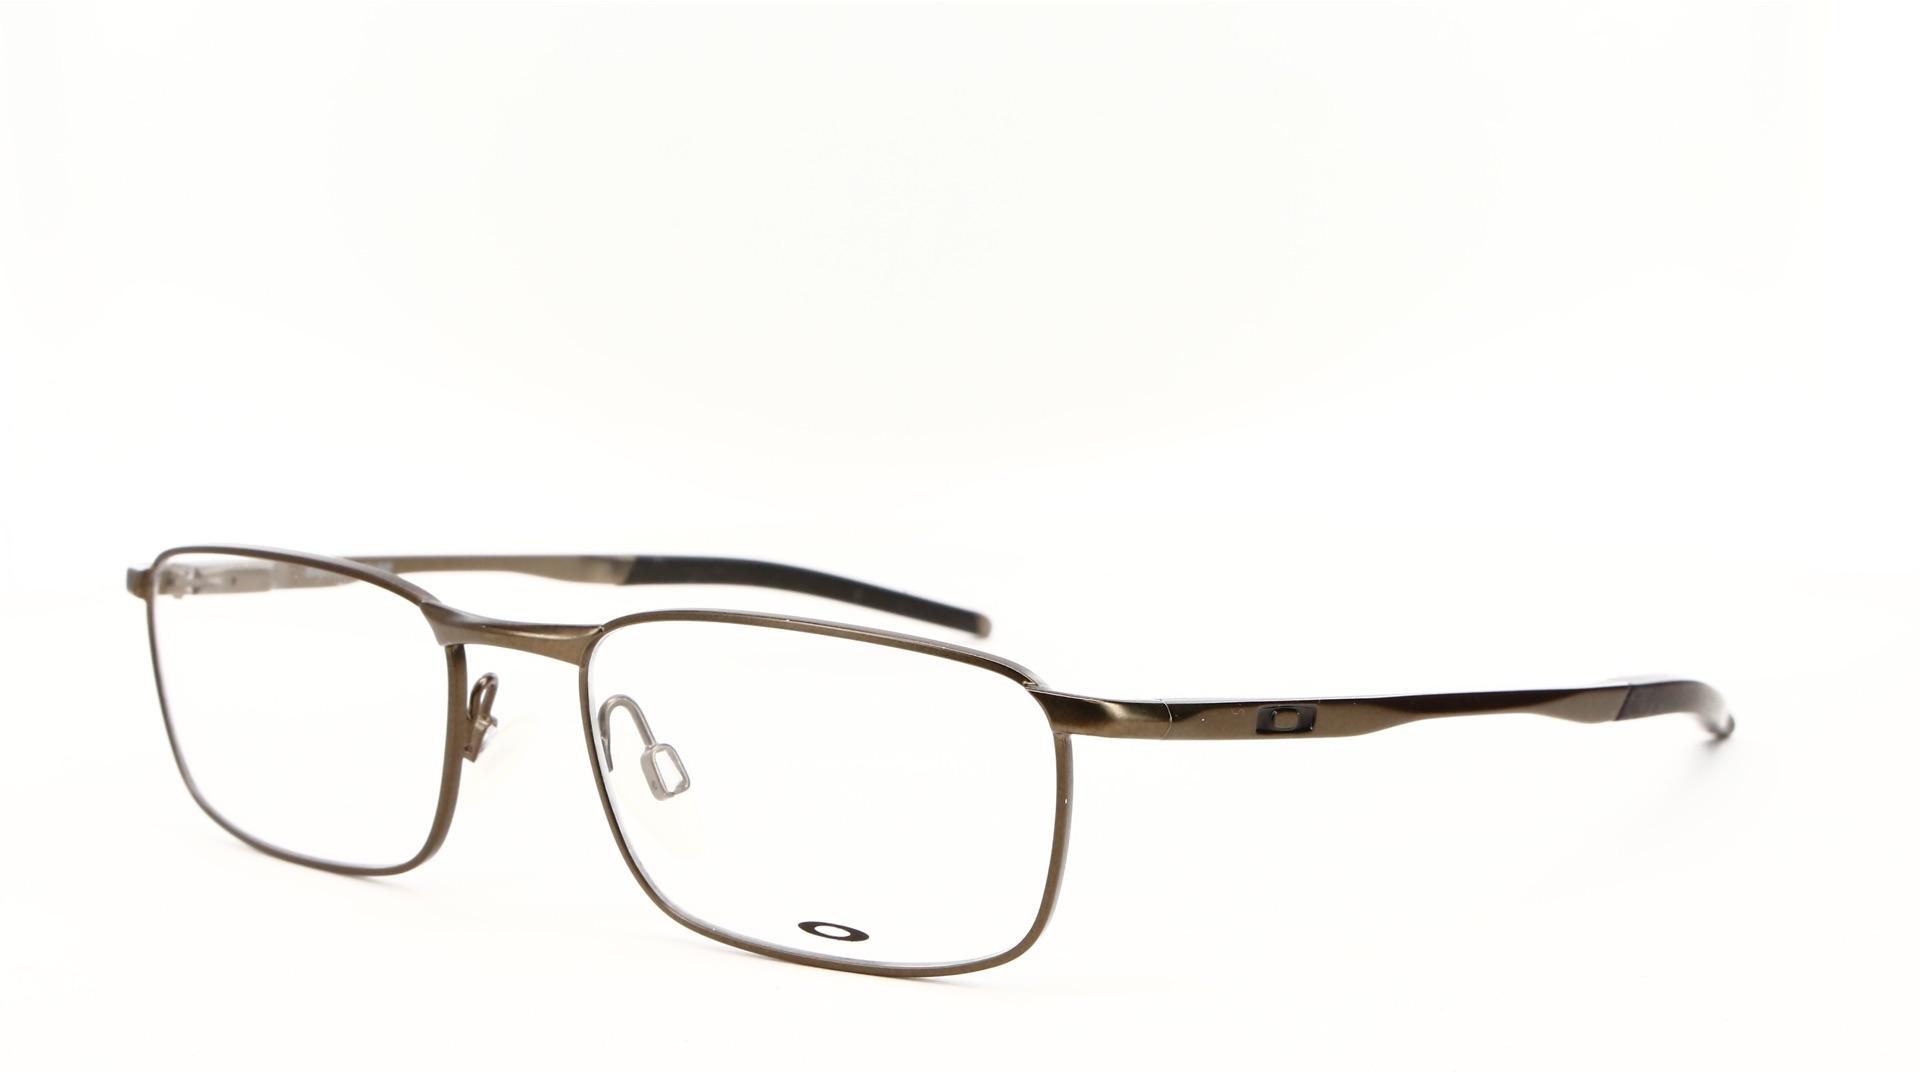 Oakley - ref: 70675